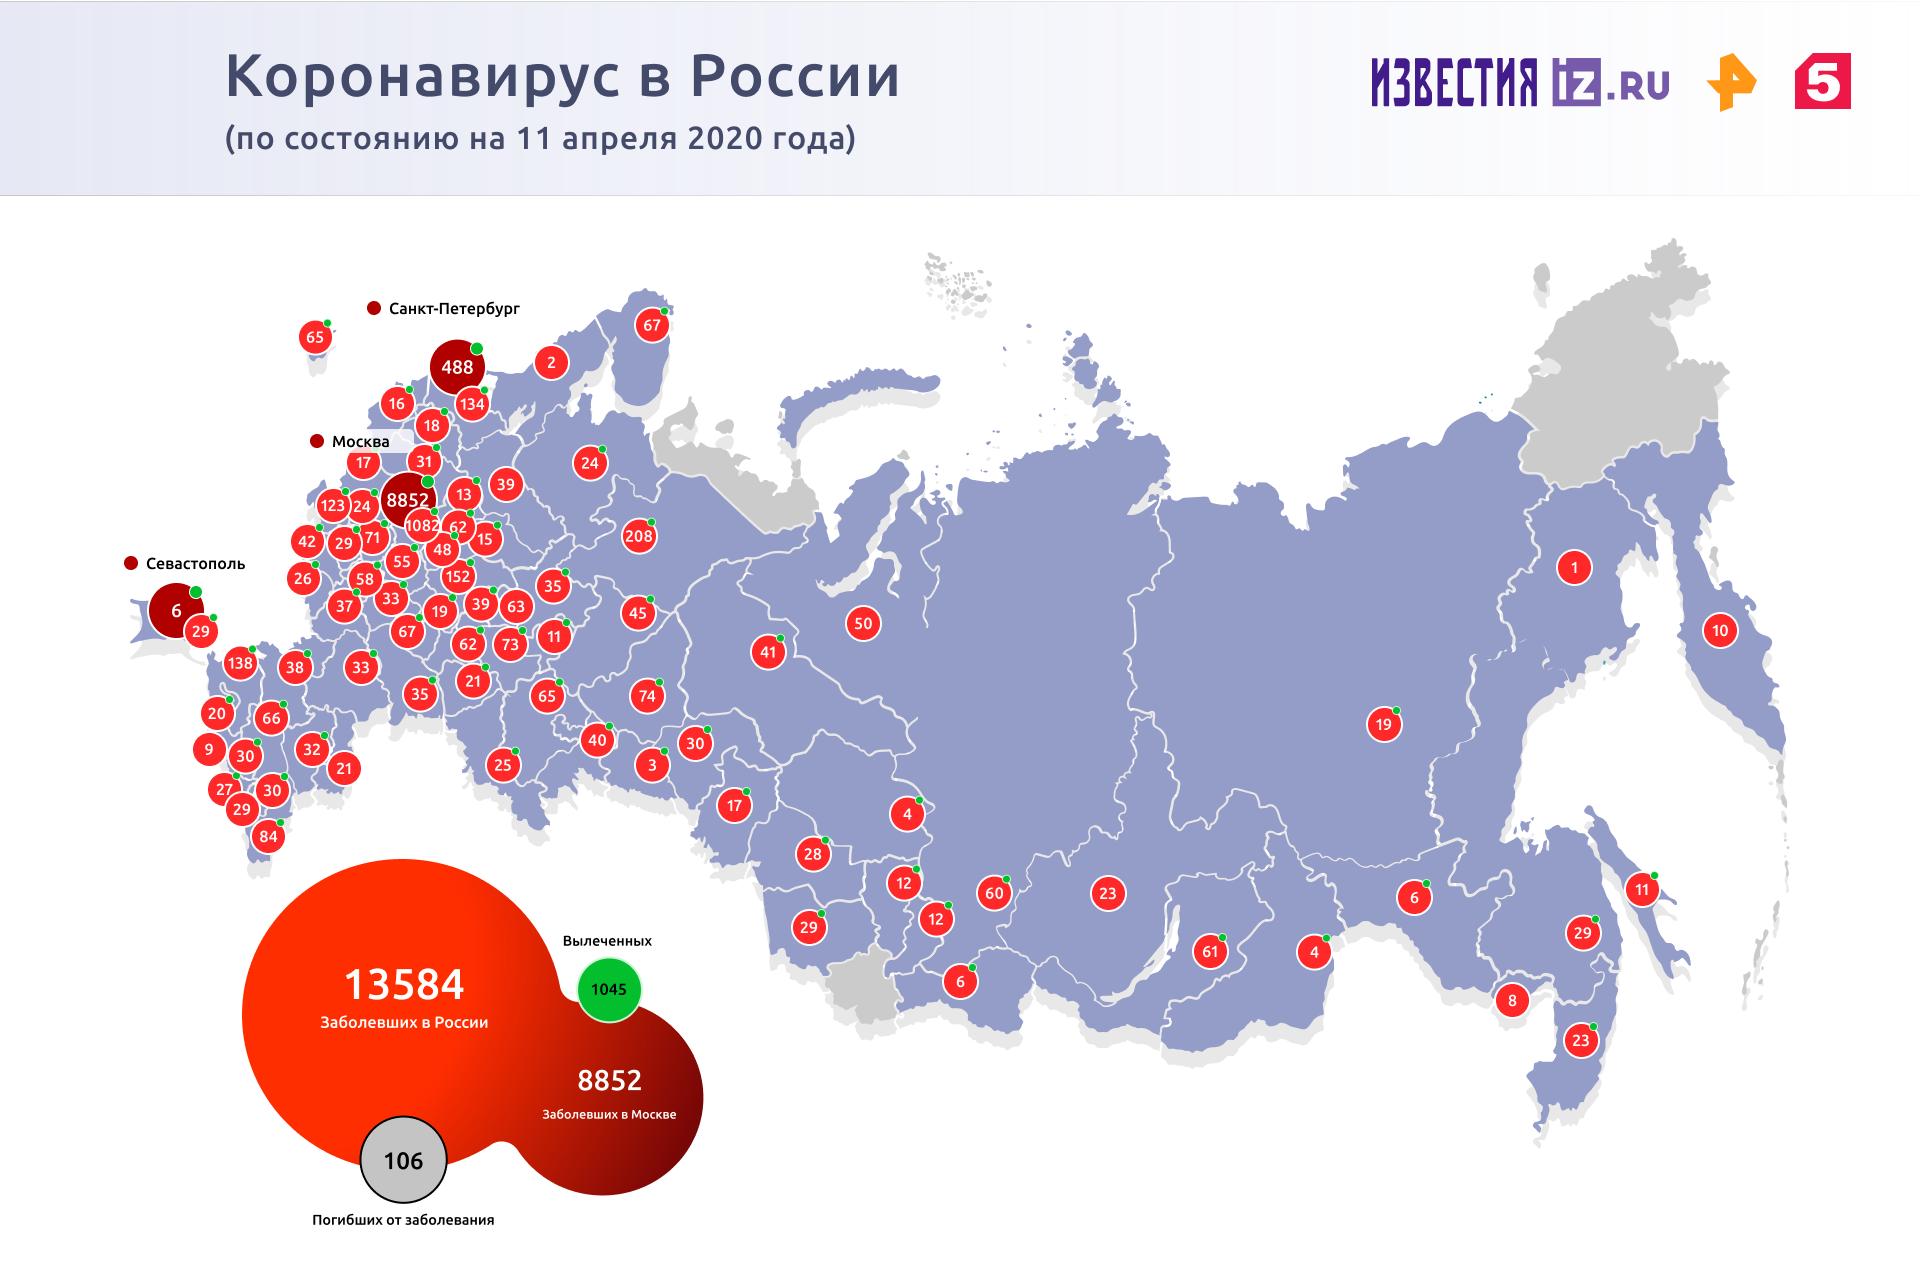 Вирусолог оценил прогноз окончания эпидемии коронавируса в России